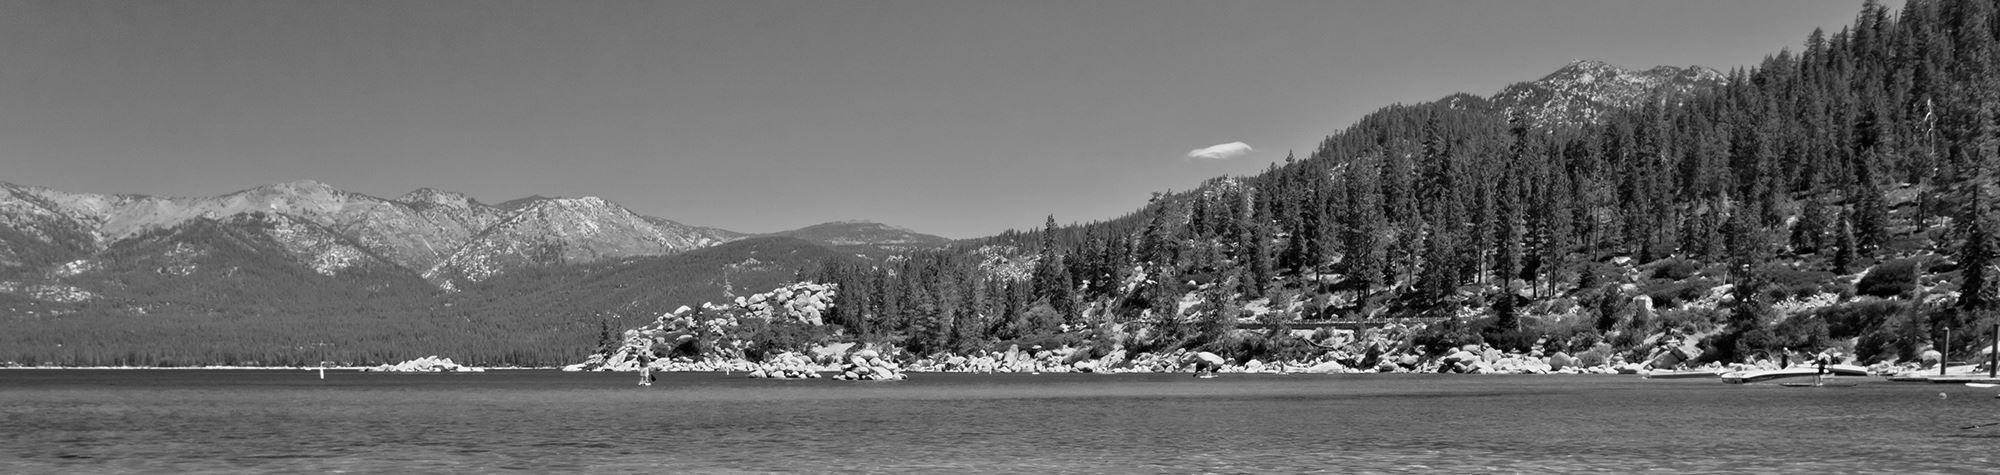 hook up in south lake tahoe